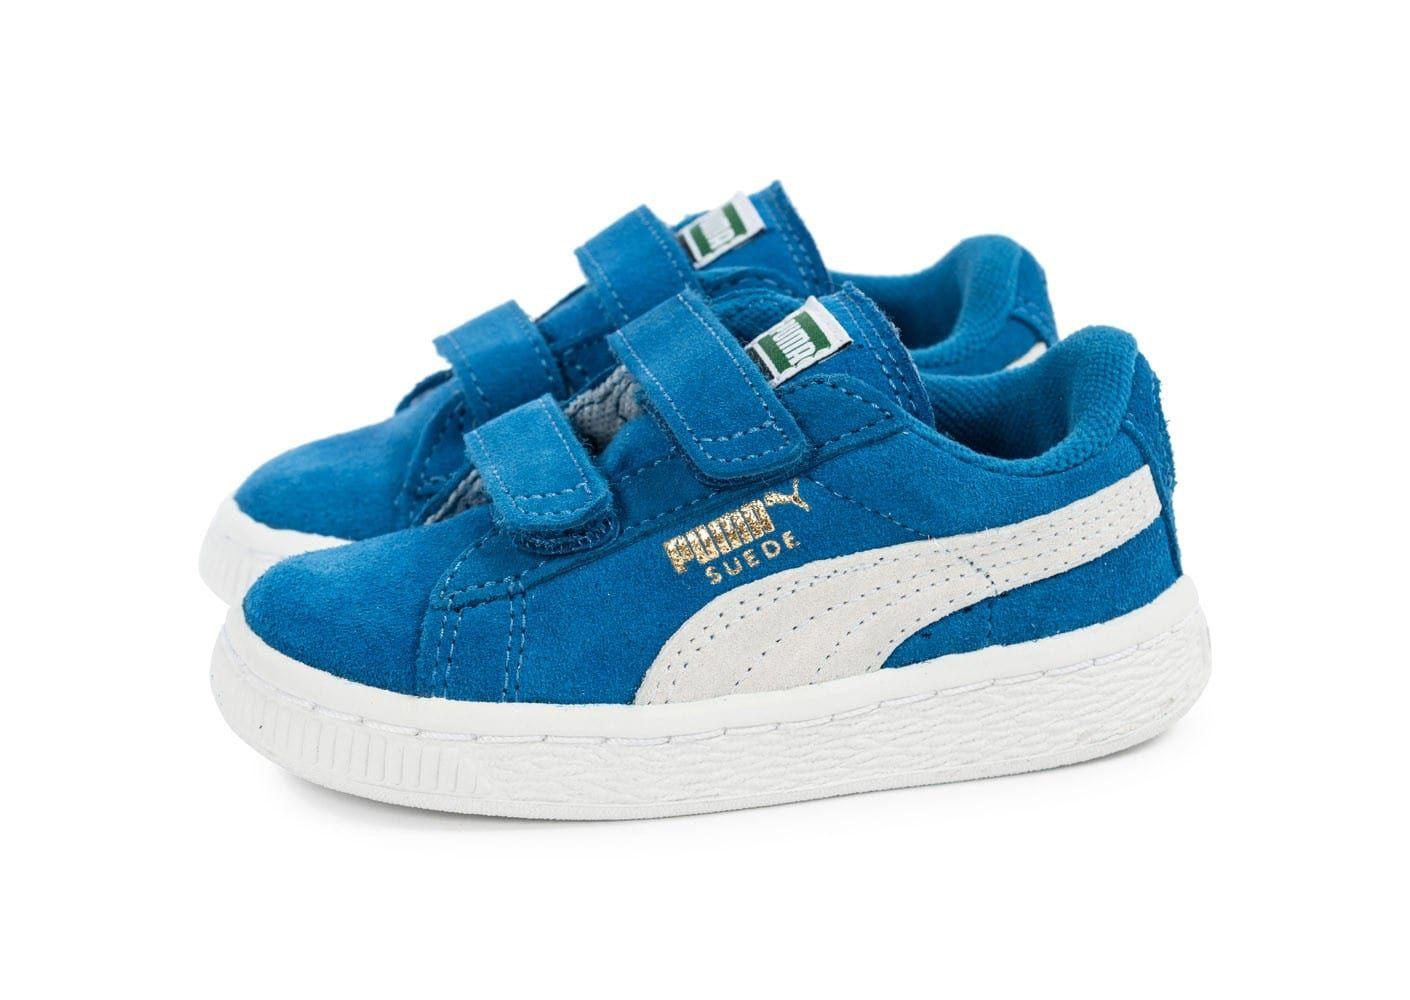 brand new 5381b 650b6 Baskets Puma Suede 2 Straps Bébé - Bleue (Tailles 21 à 27)